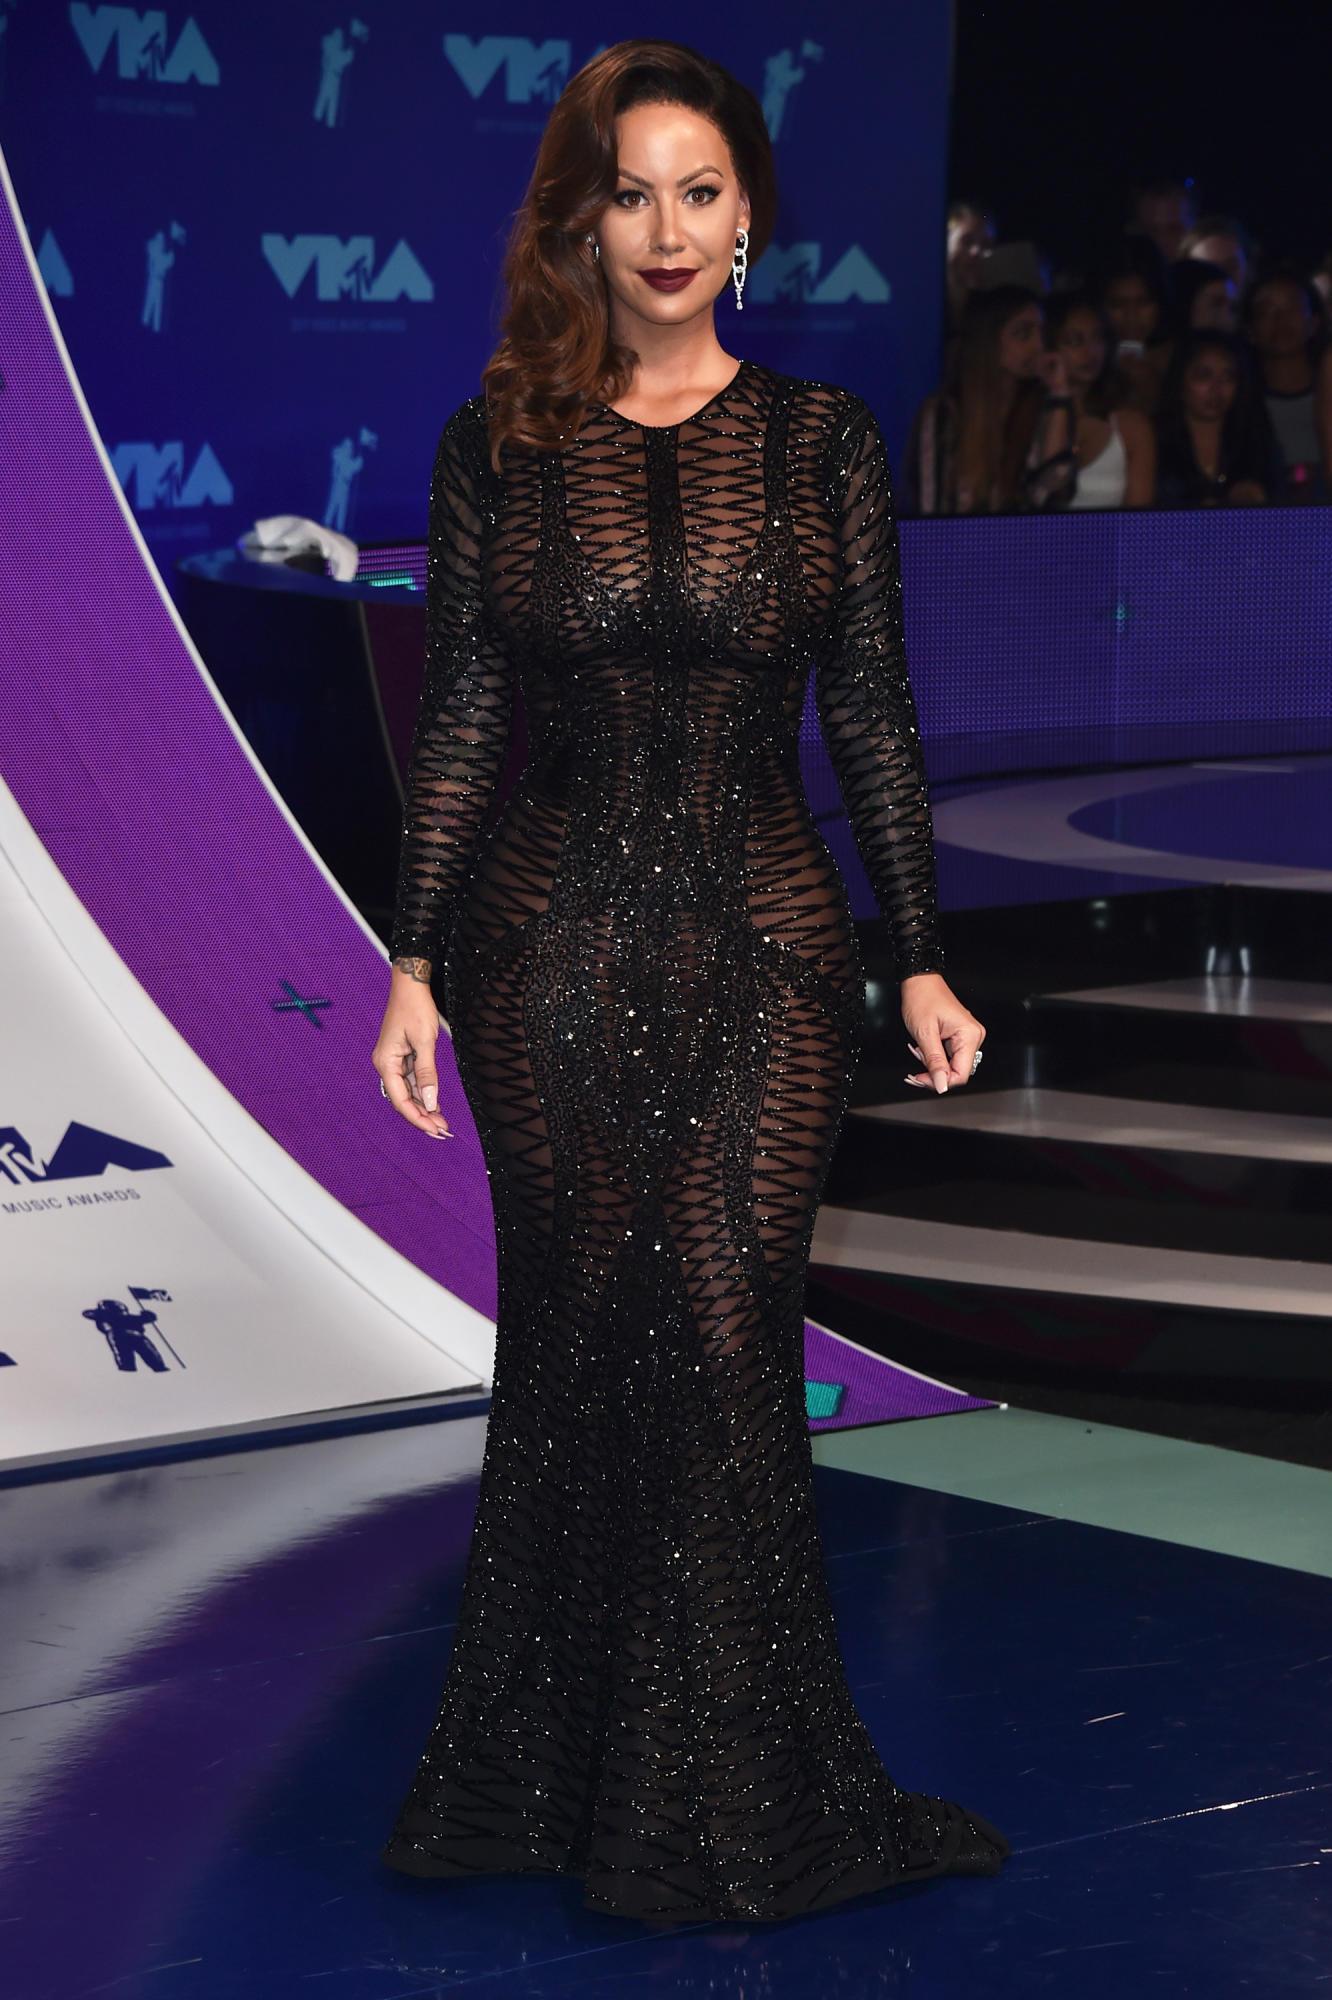 Amber Rose, cô nàng đầu trọc năm nào, xuất hiện với một mái tóc dài thả một bên. Cô mặc thiết kế đầm của Yousef Aljasmi, thương hiệu quen thuộc của Jennifer Lopez, Taylor Swift, Lady Gaga, Nicole Kidman,...